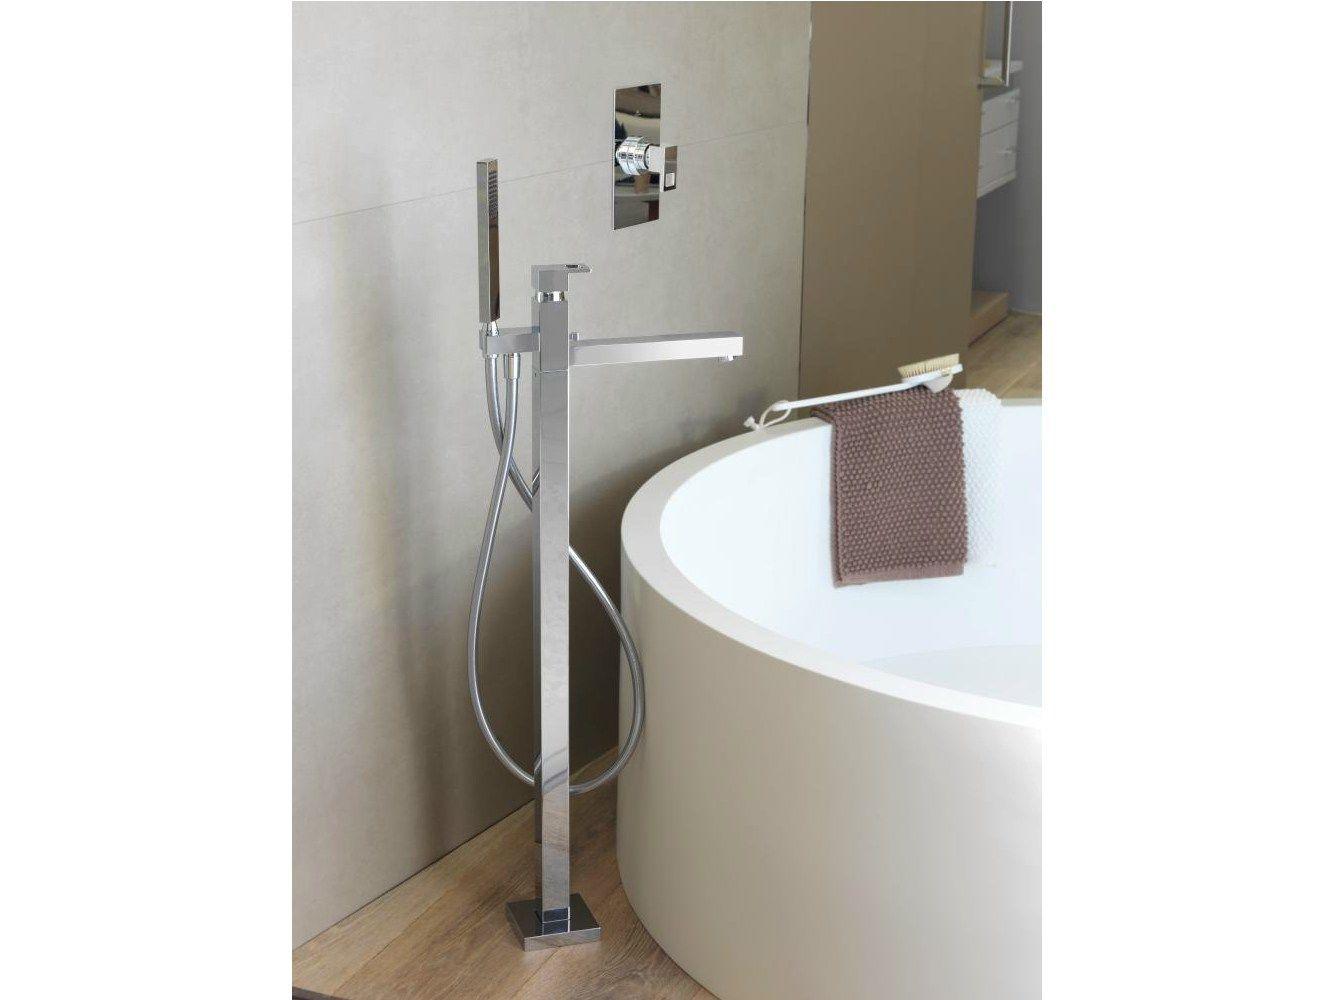 Robinet evier cuisine pas cher for Robinet salle de bain design pas cher